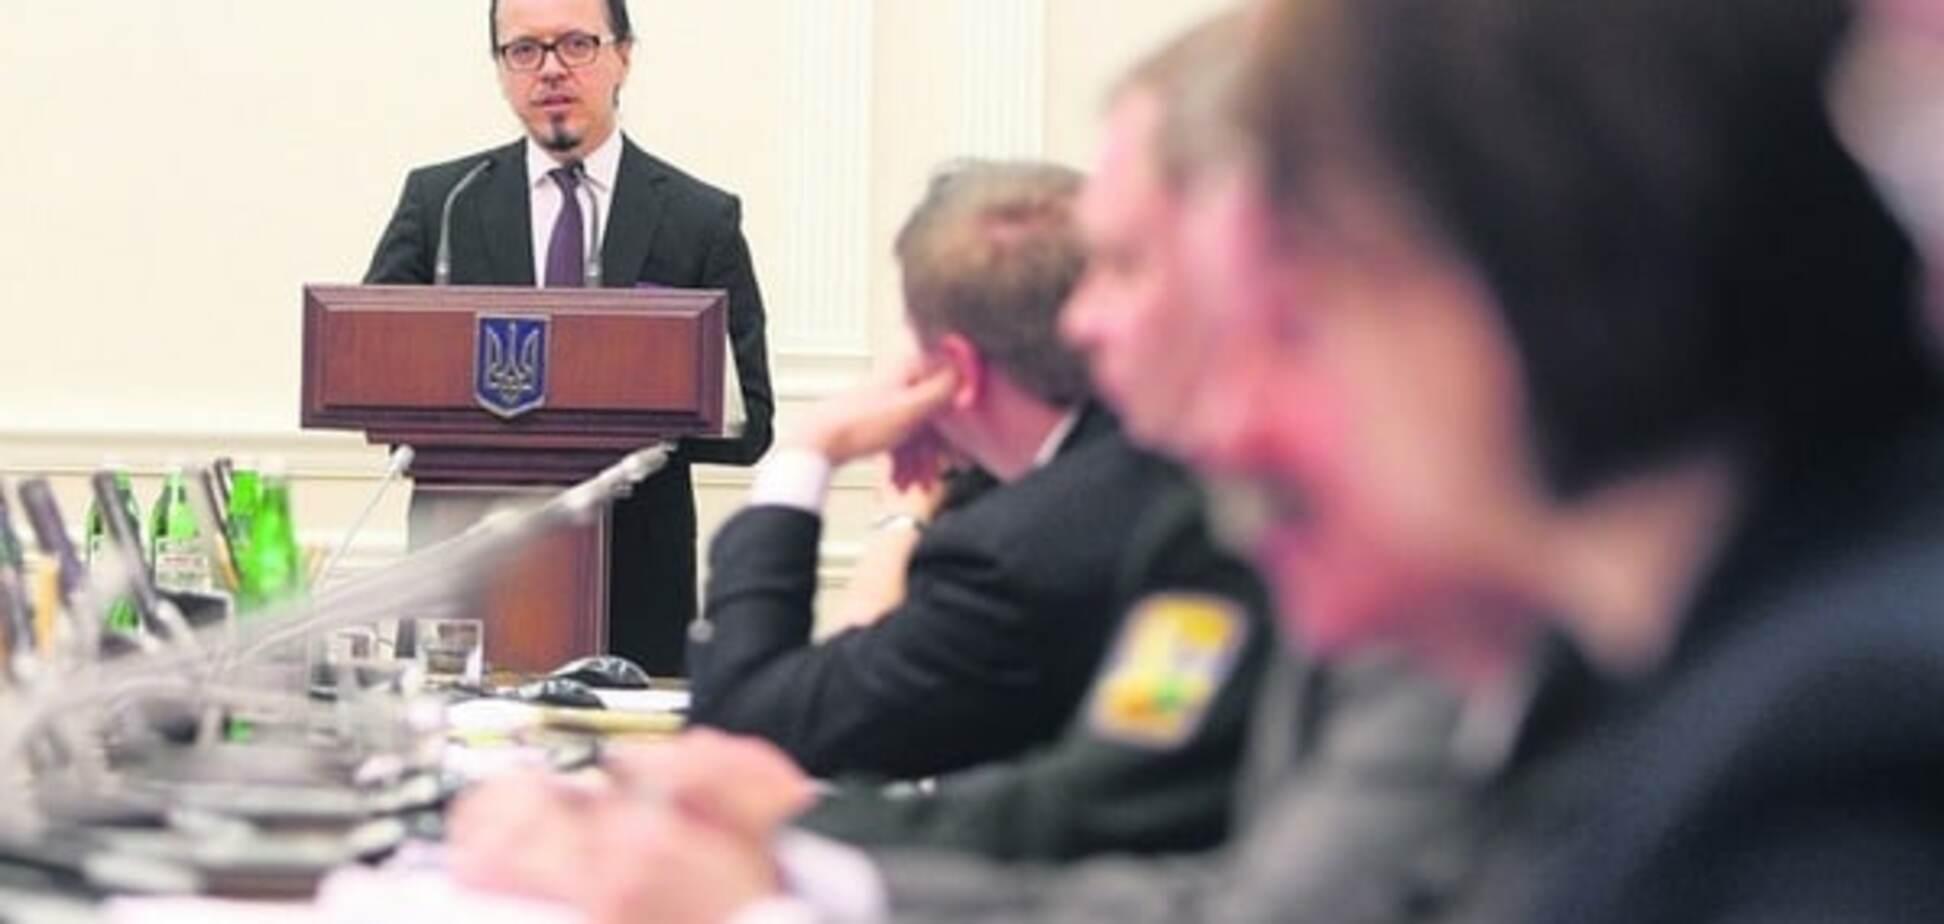 Іноземці в уряді повинні вивчити українську мову – Шкляр